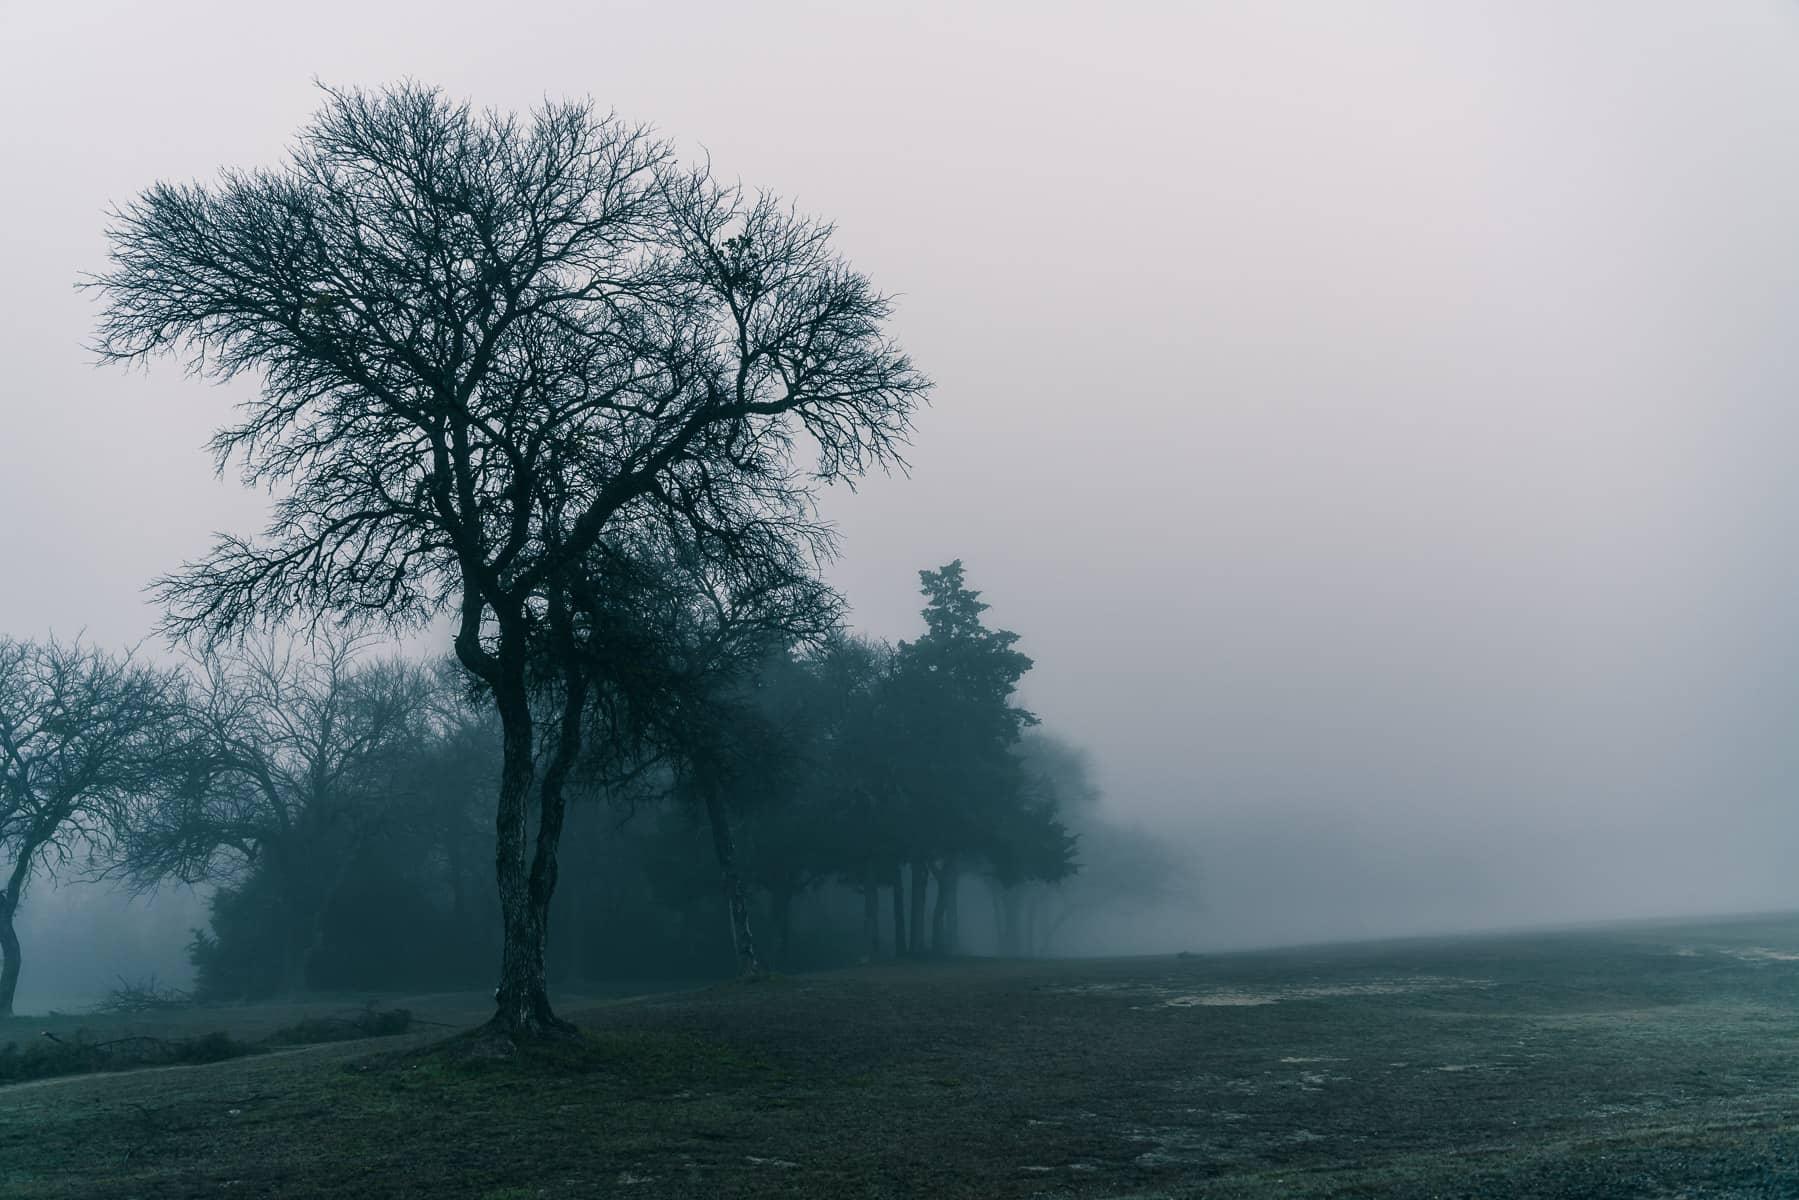 A foggy morning at McKinney, Texas' Erwin Park.